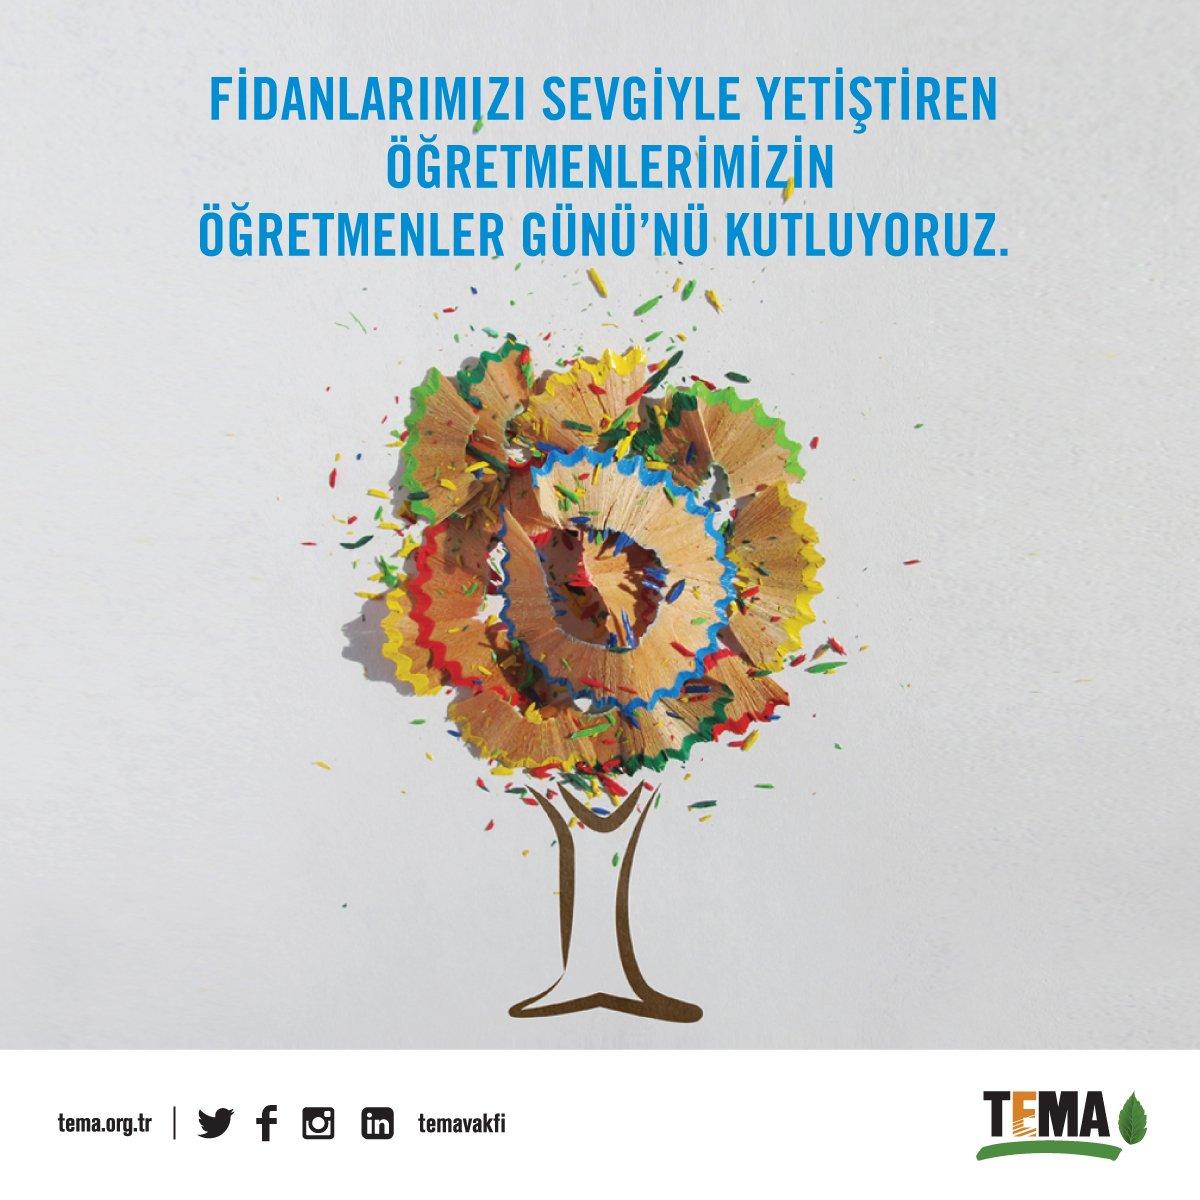 RT @temavakfi: Tüm öğretmenlerimizin #24KasımÖğretmenlerGünü kutlu olsun. 💚 https://t.co/DuiY0trtiD